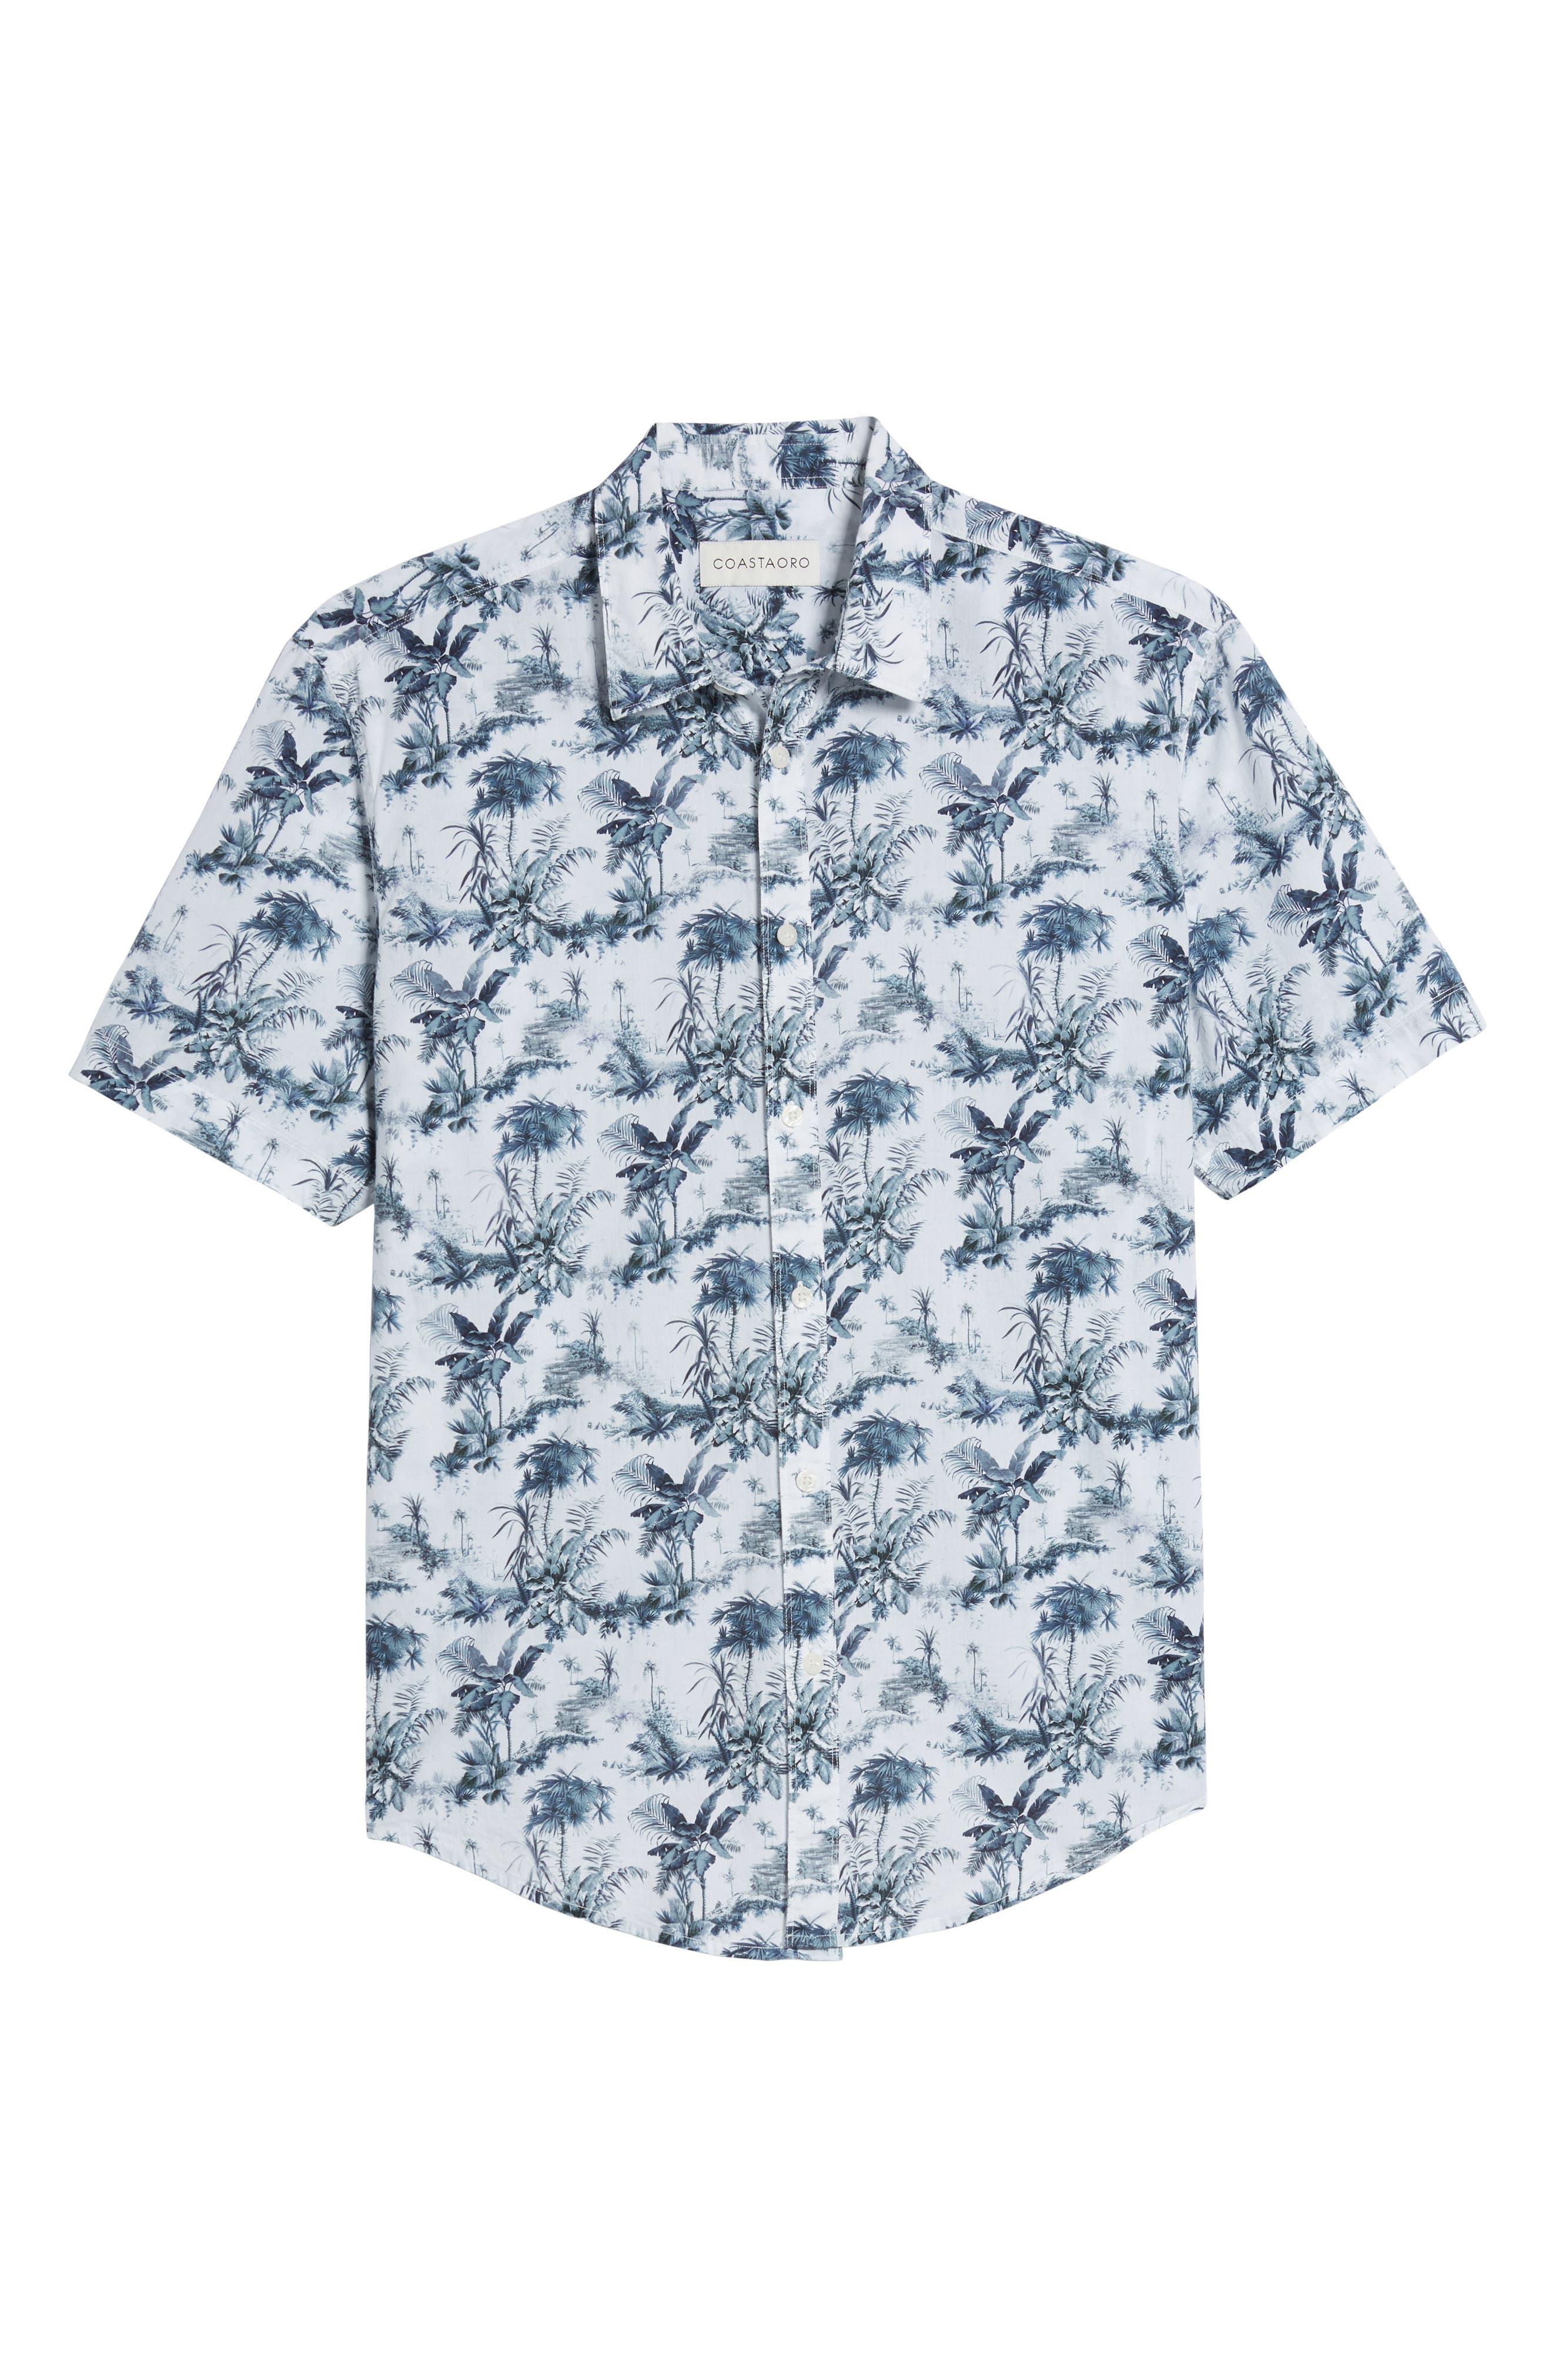 Waiki Regular Fit Short Sleeve Sport Shirt,                             Alternate thumbnail 6, color,                             White